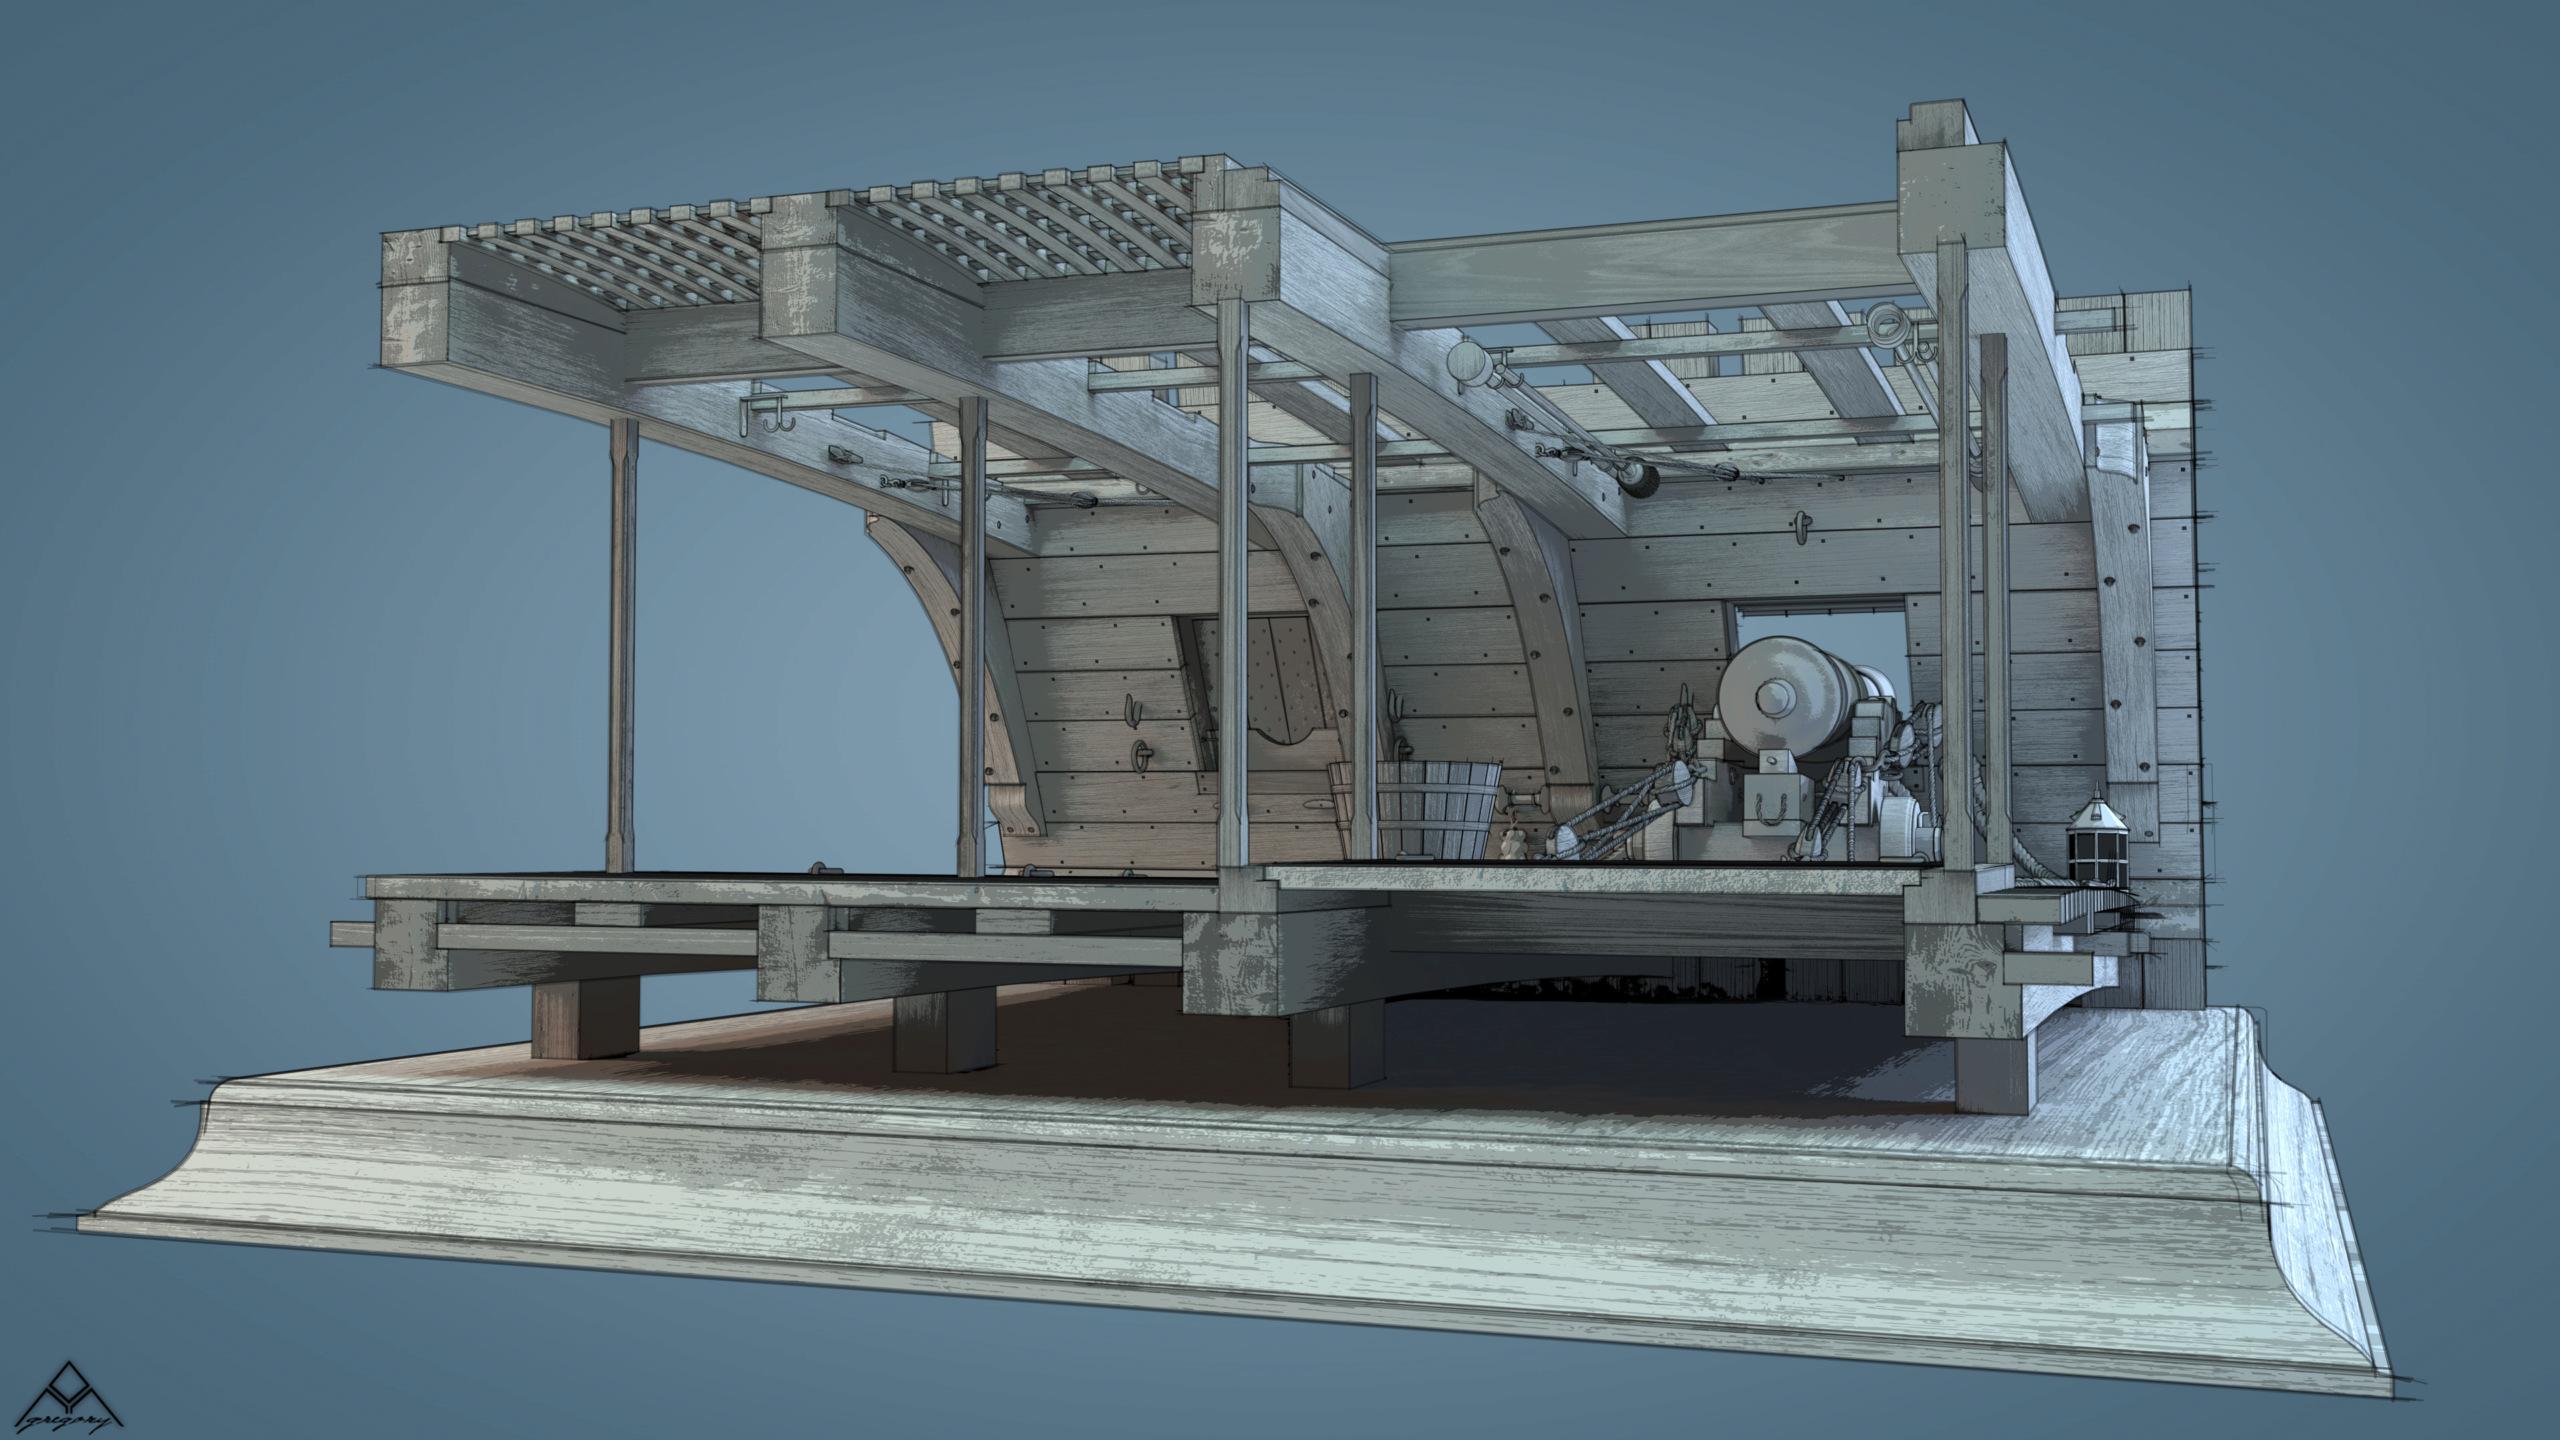 Canons de vaisseau 74 canons (Création 3D) par Greg_3D - Page 9 Rendu113